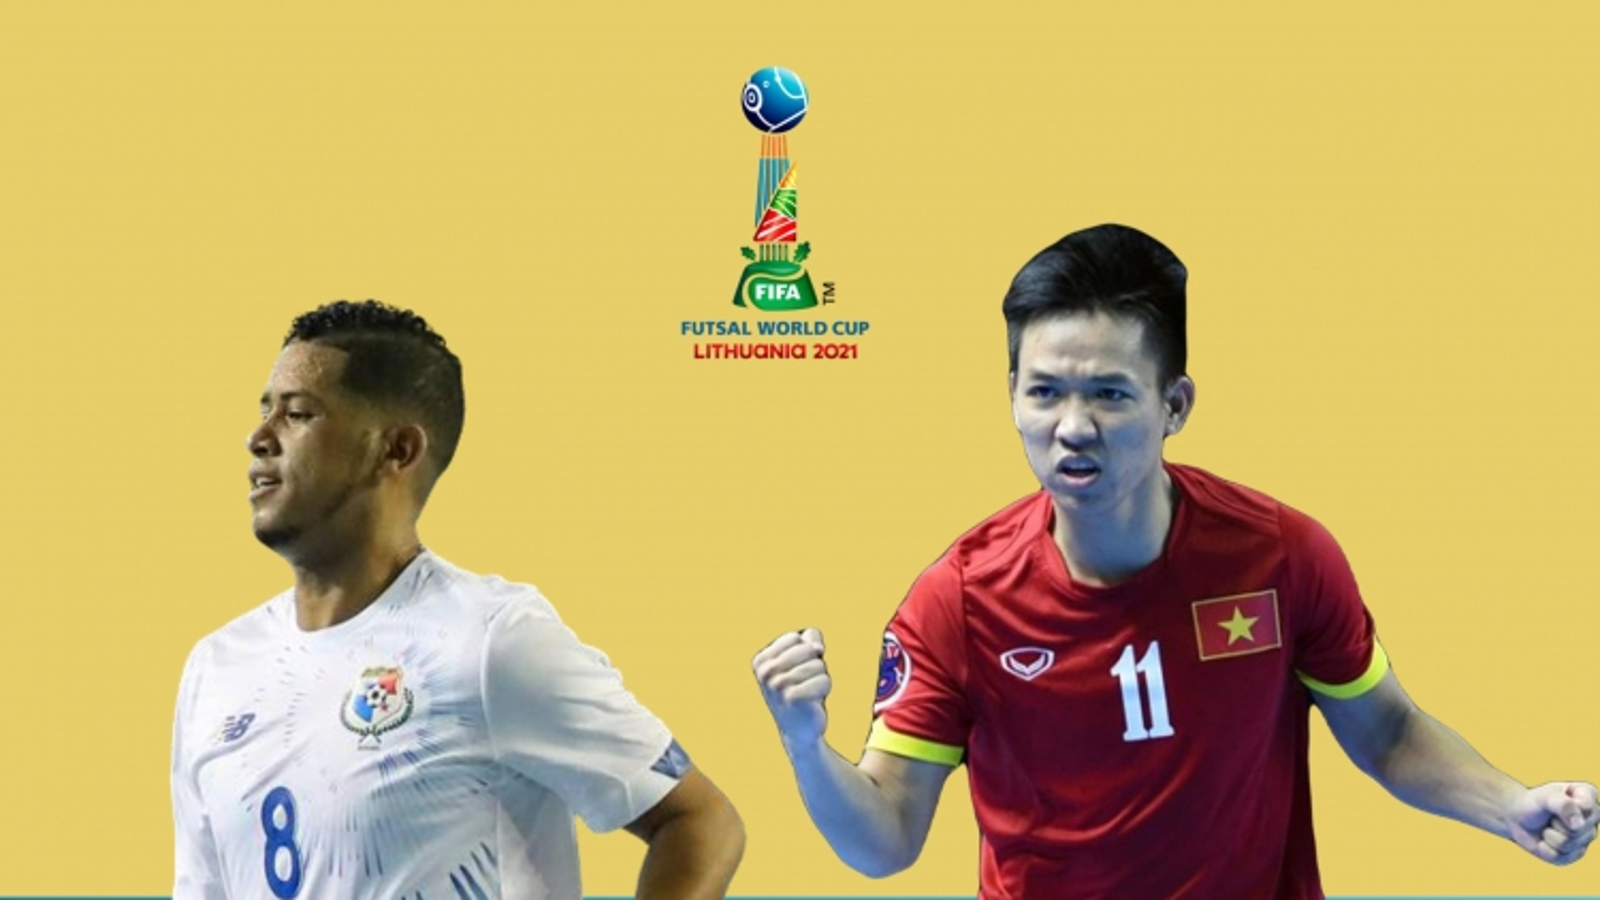 ĐT Futsal Việt Nam - ĐT Futsal Panama: Đi tìm chiến thắng